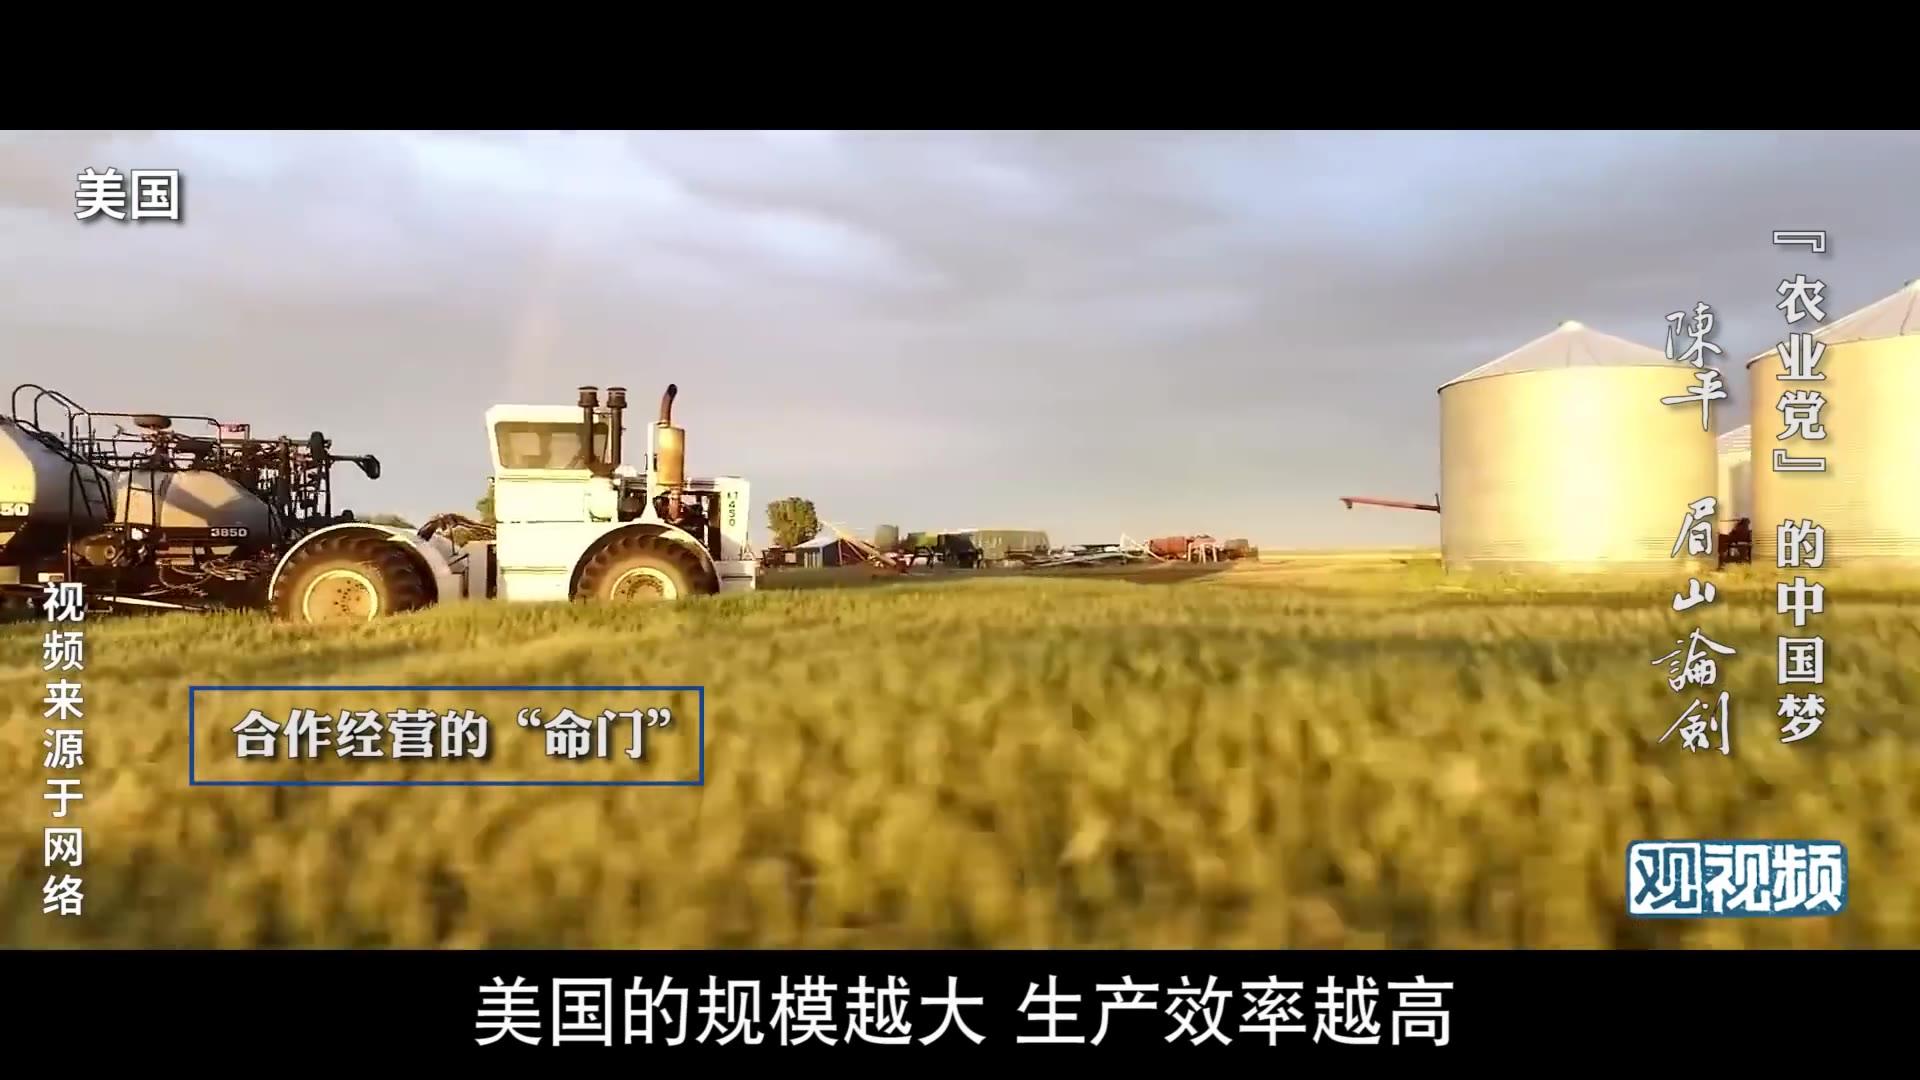 """陈平:国内有些人要学美国的""""大农场"""",今天我就给他们泼冷水"""